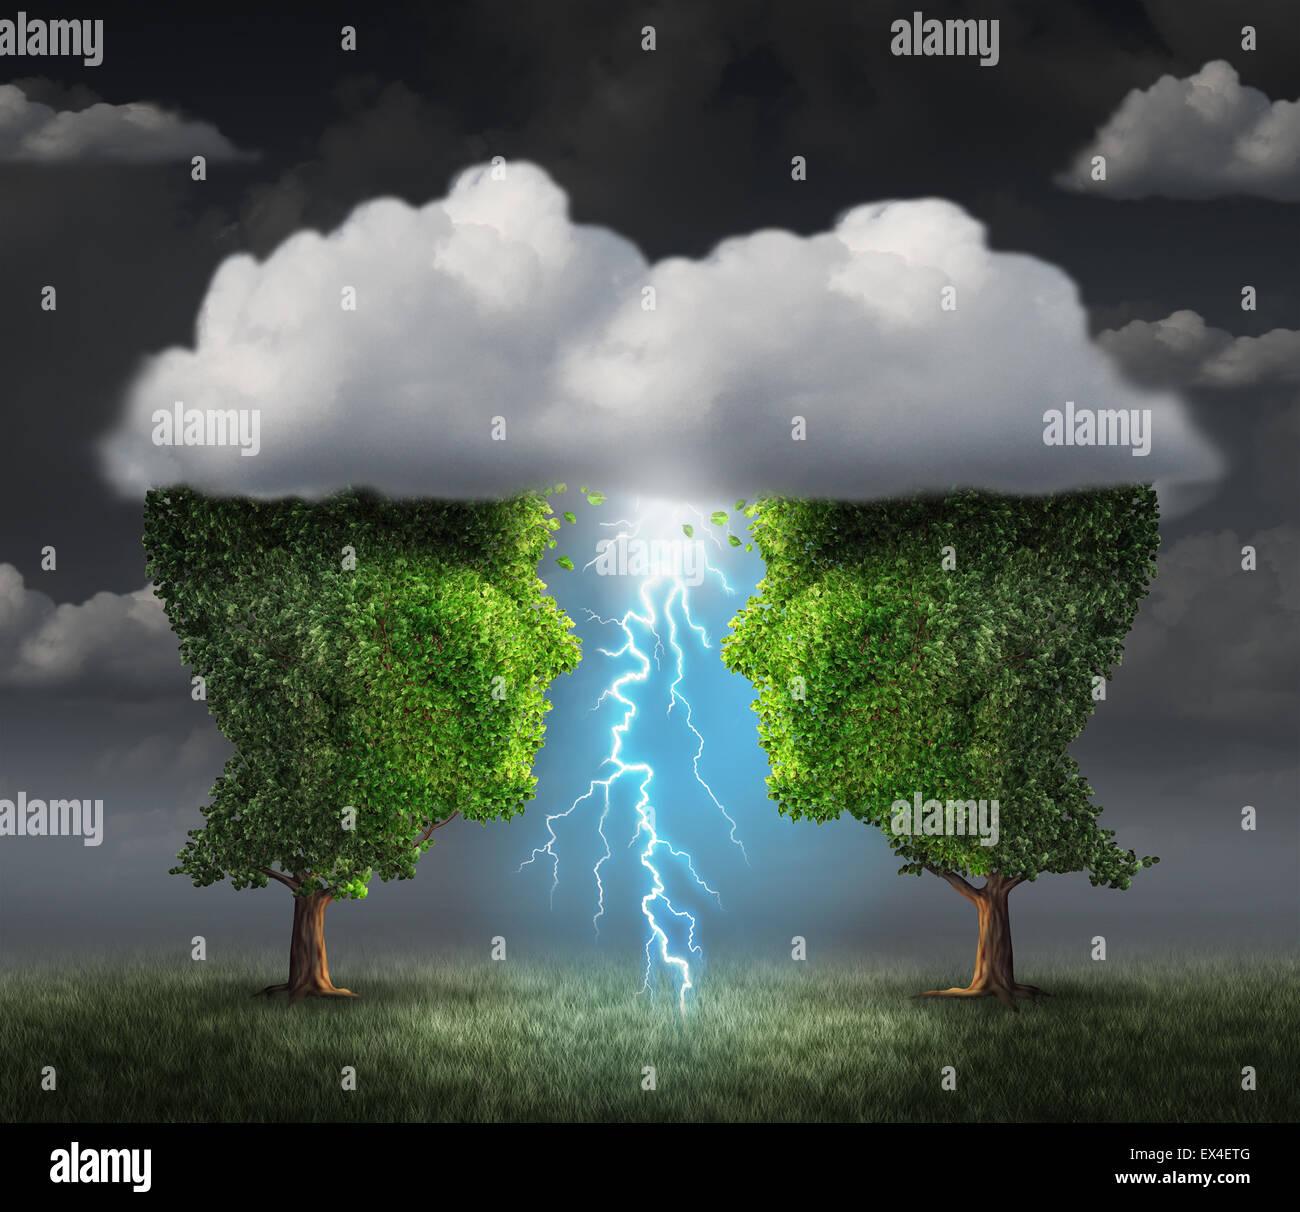 Business idea scintilla concetto come due alberi a forma di una testa sotto una tempesta cloud creazione di un fulmine Immagini Stock